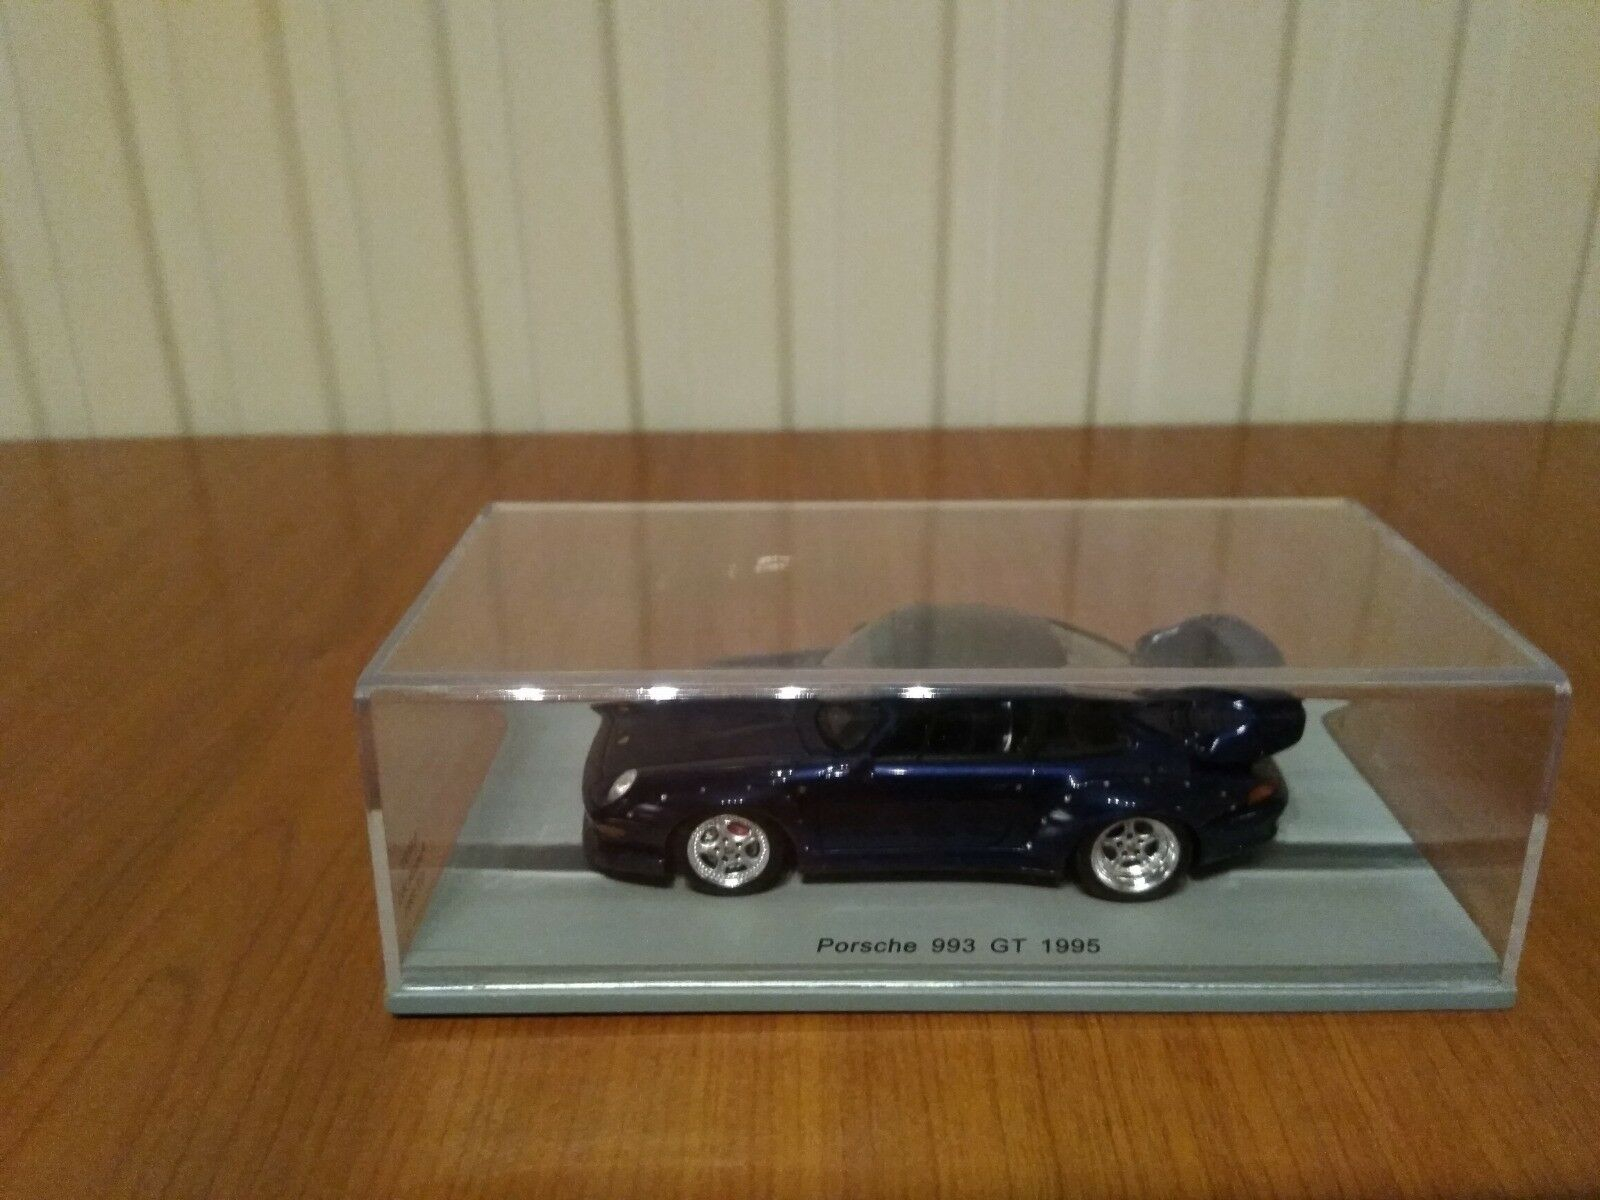 Porsche 993 GT 1995 1 43 Spark S4197